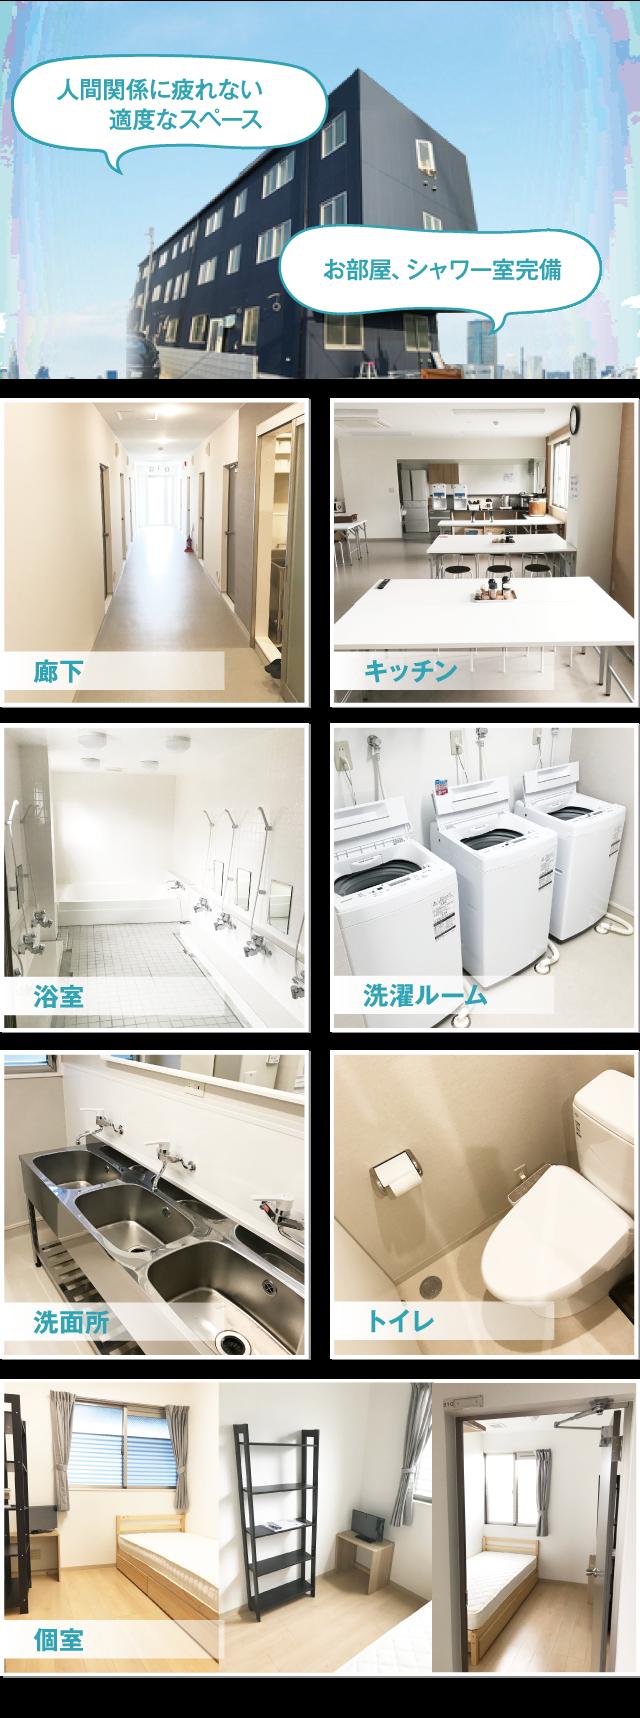 寮の設備・環境をご紹介